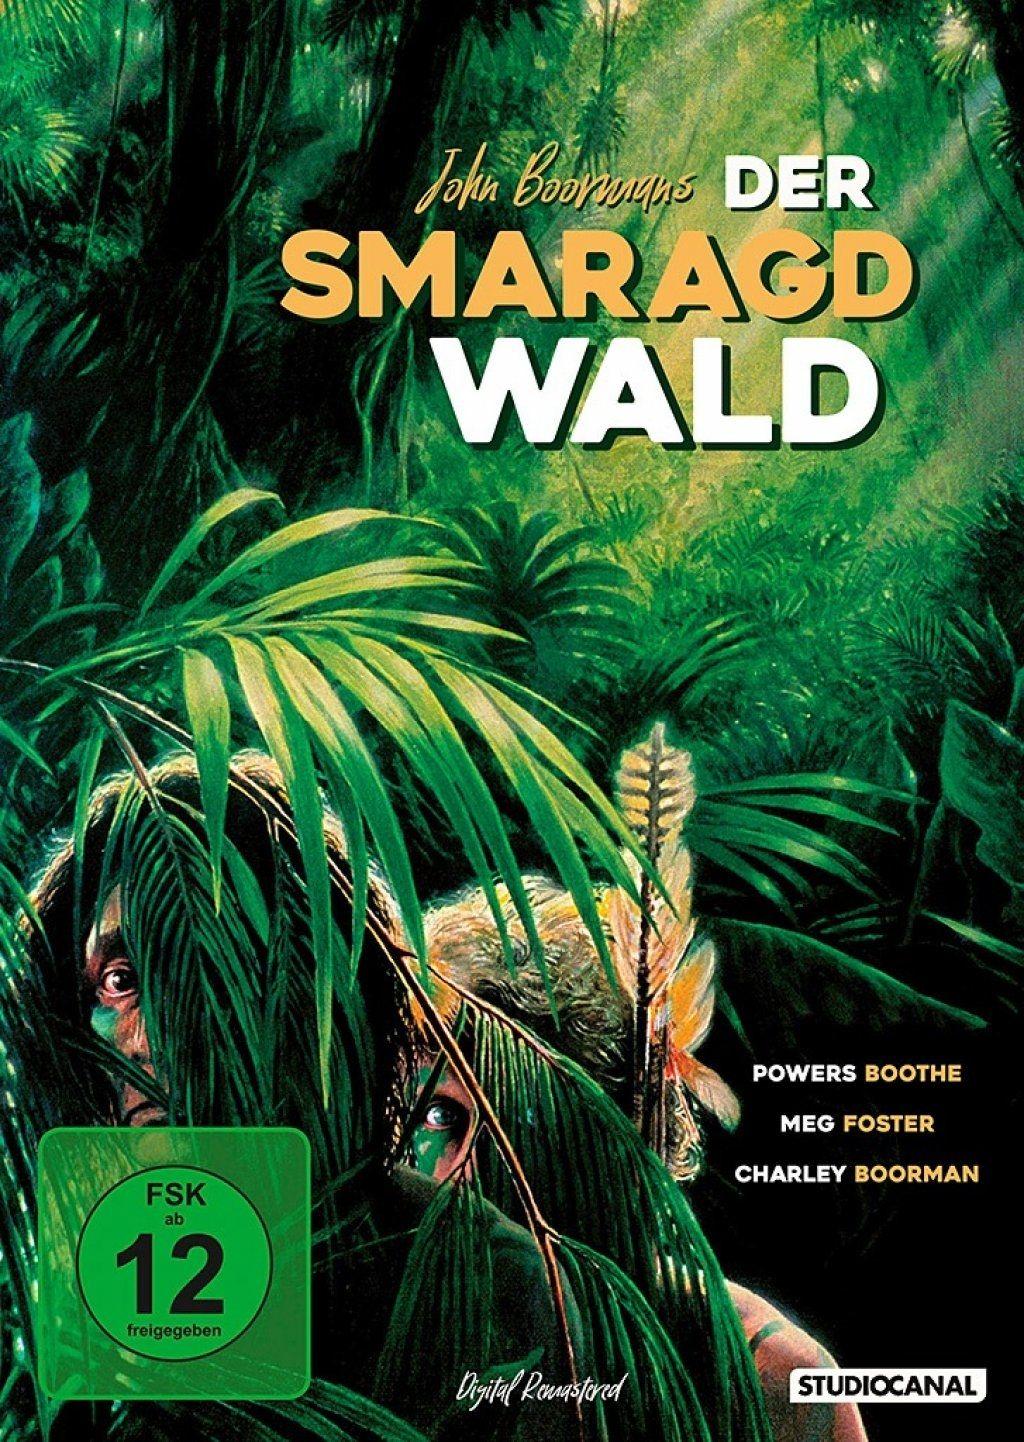 Smaragdwald, Der (Digital Remastered)